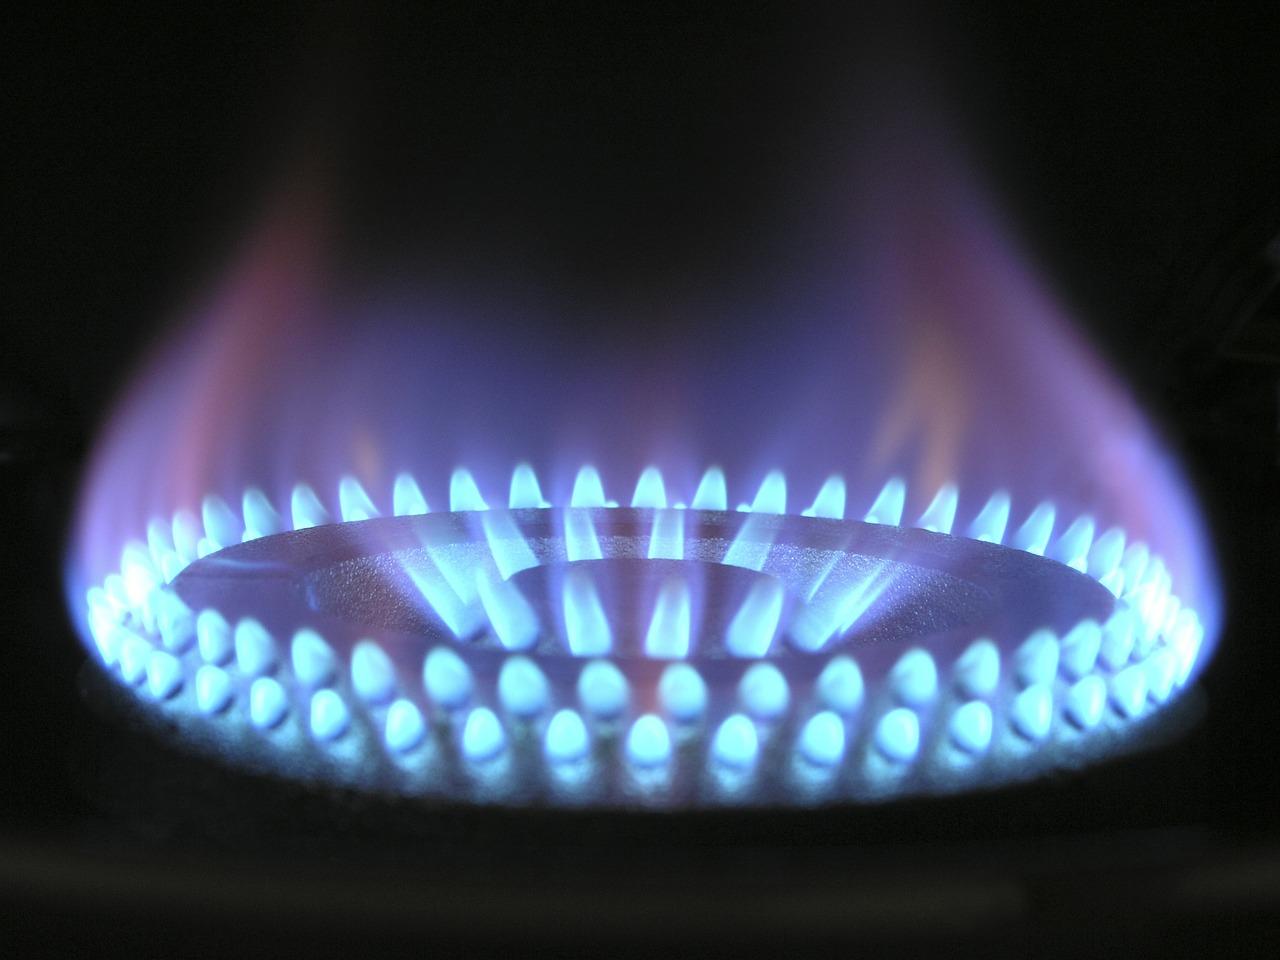 Prezzo del gas tra tutela e mercato libero - Prezzo del gas tra tutela e mercato libero: ecco tutte le informazioni per capire